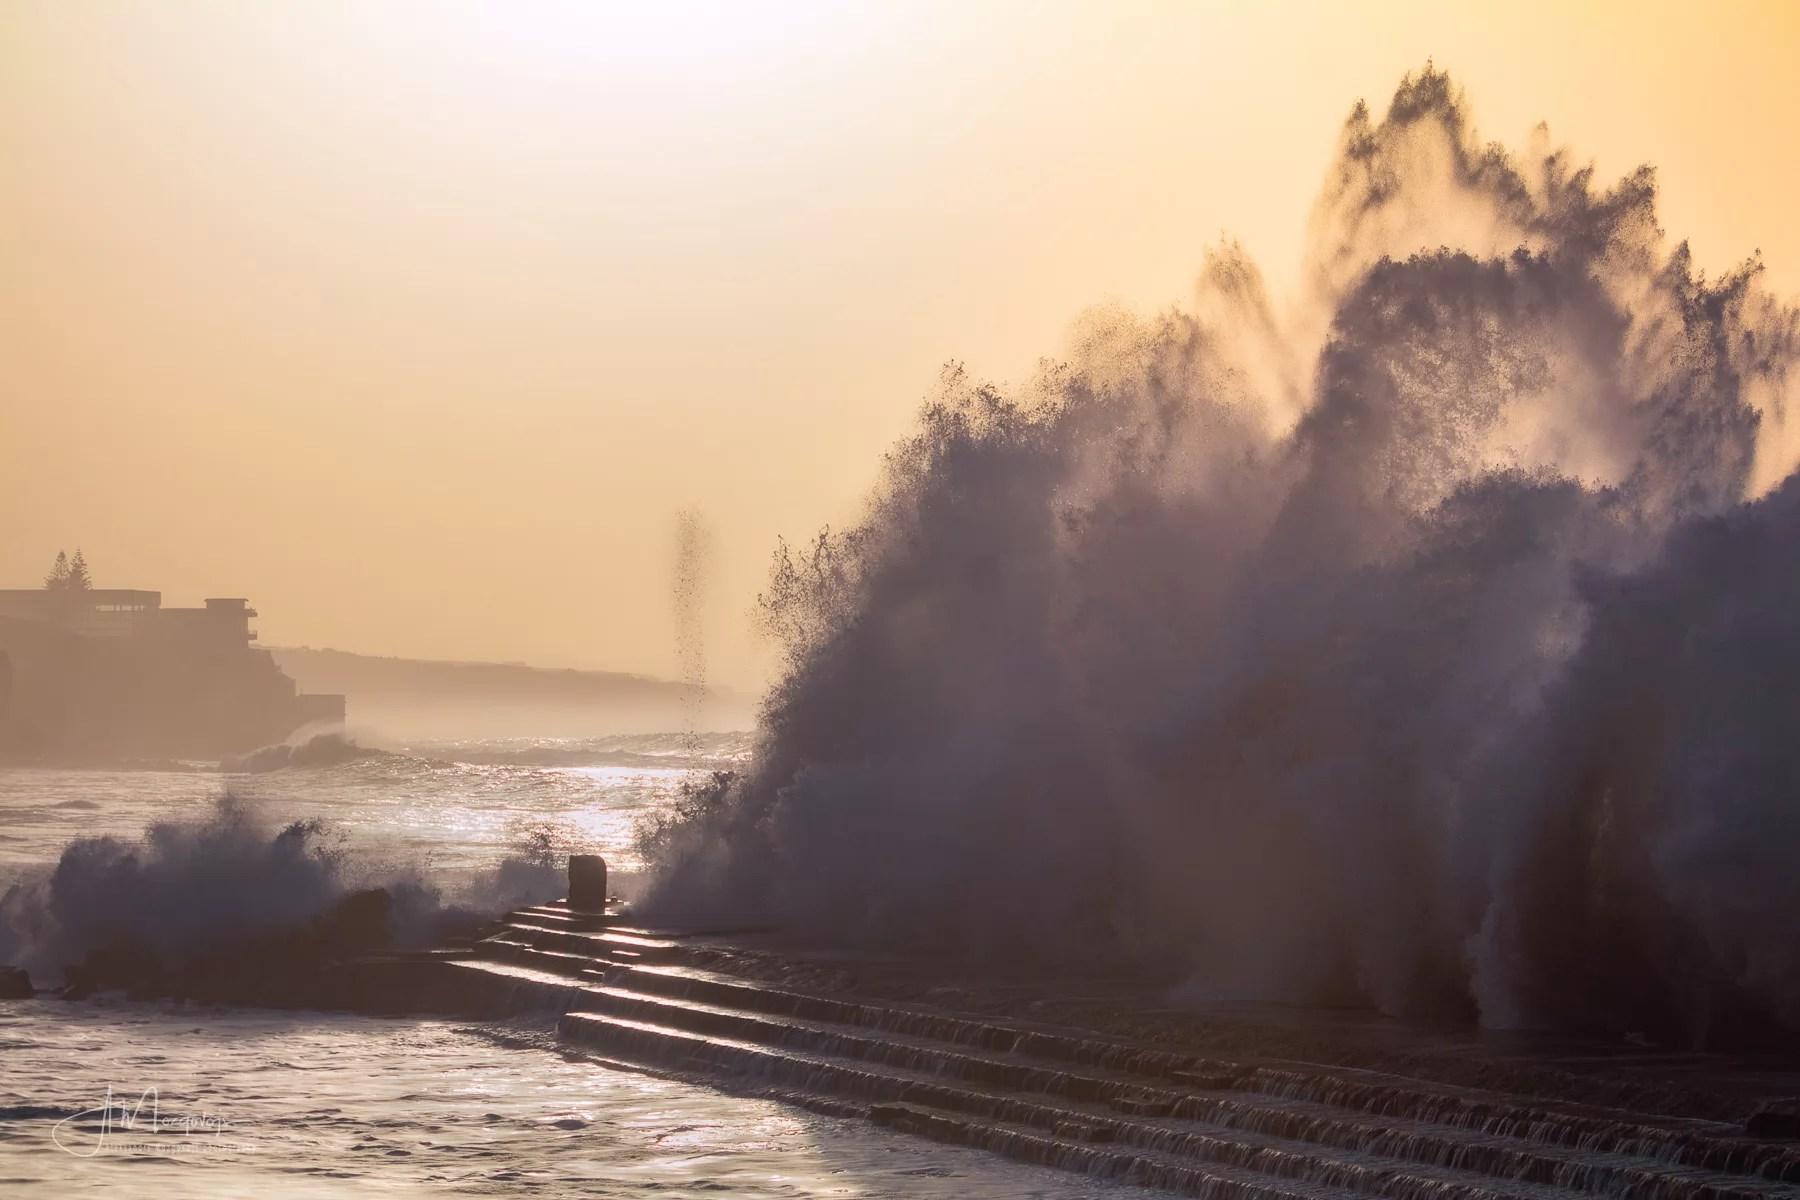 Sunset wave in Bajamar, Tenerife